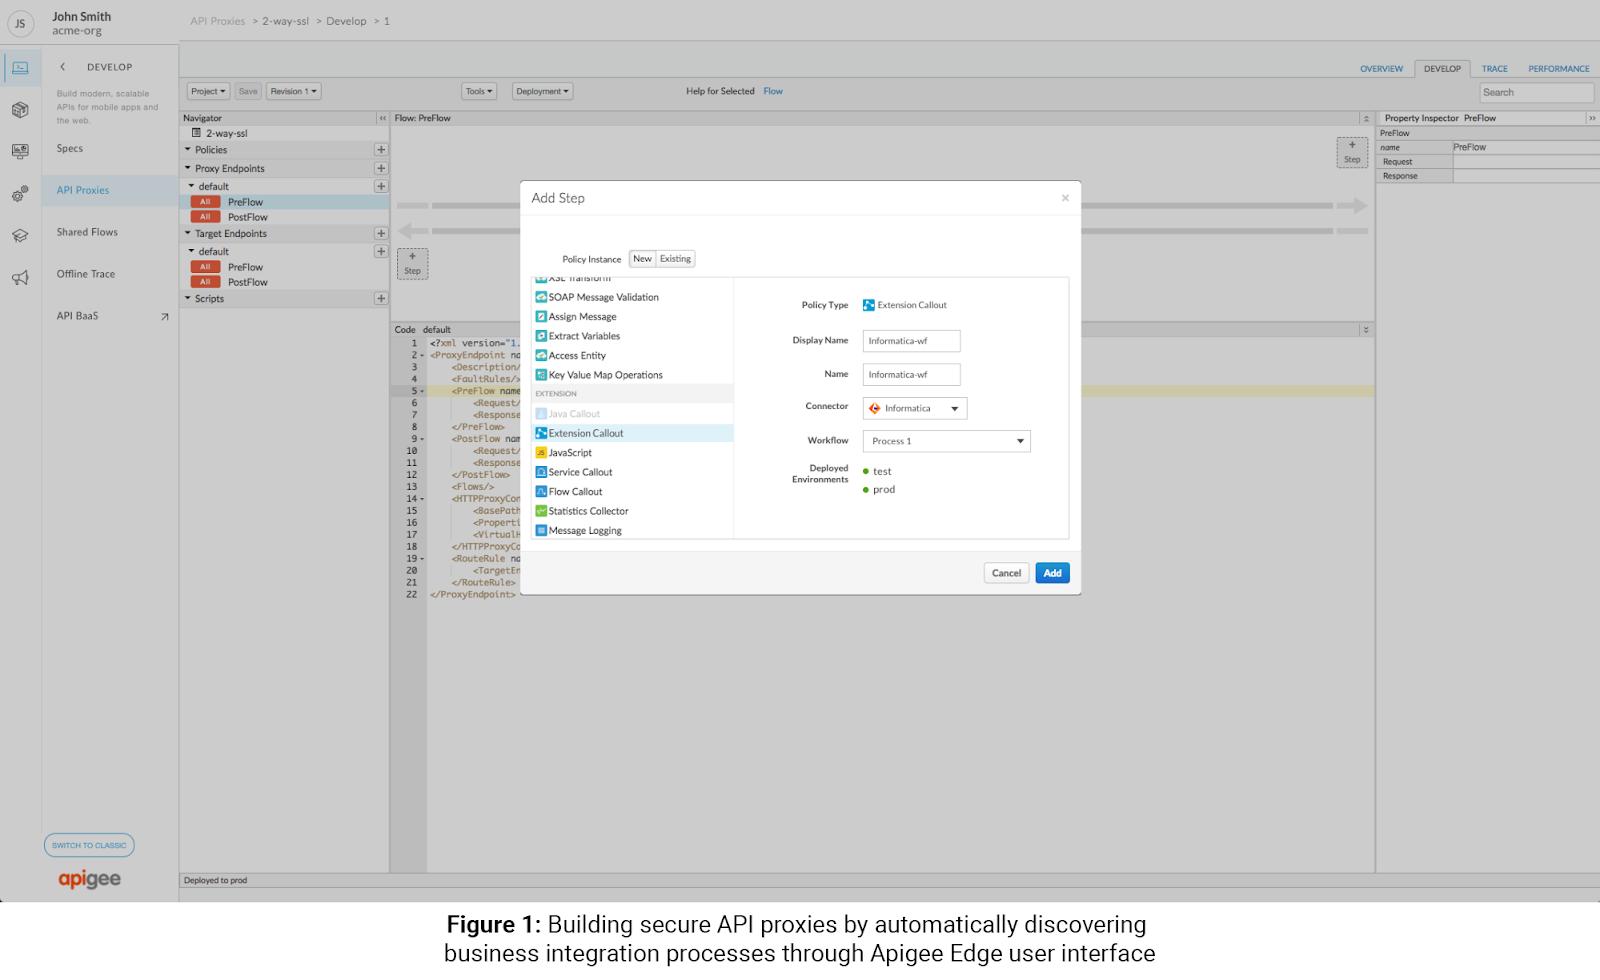 Google Cloud Platform Blog: Introducing new Apigee